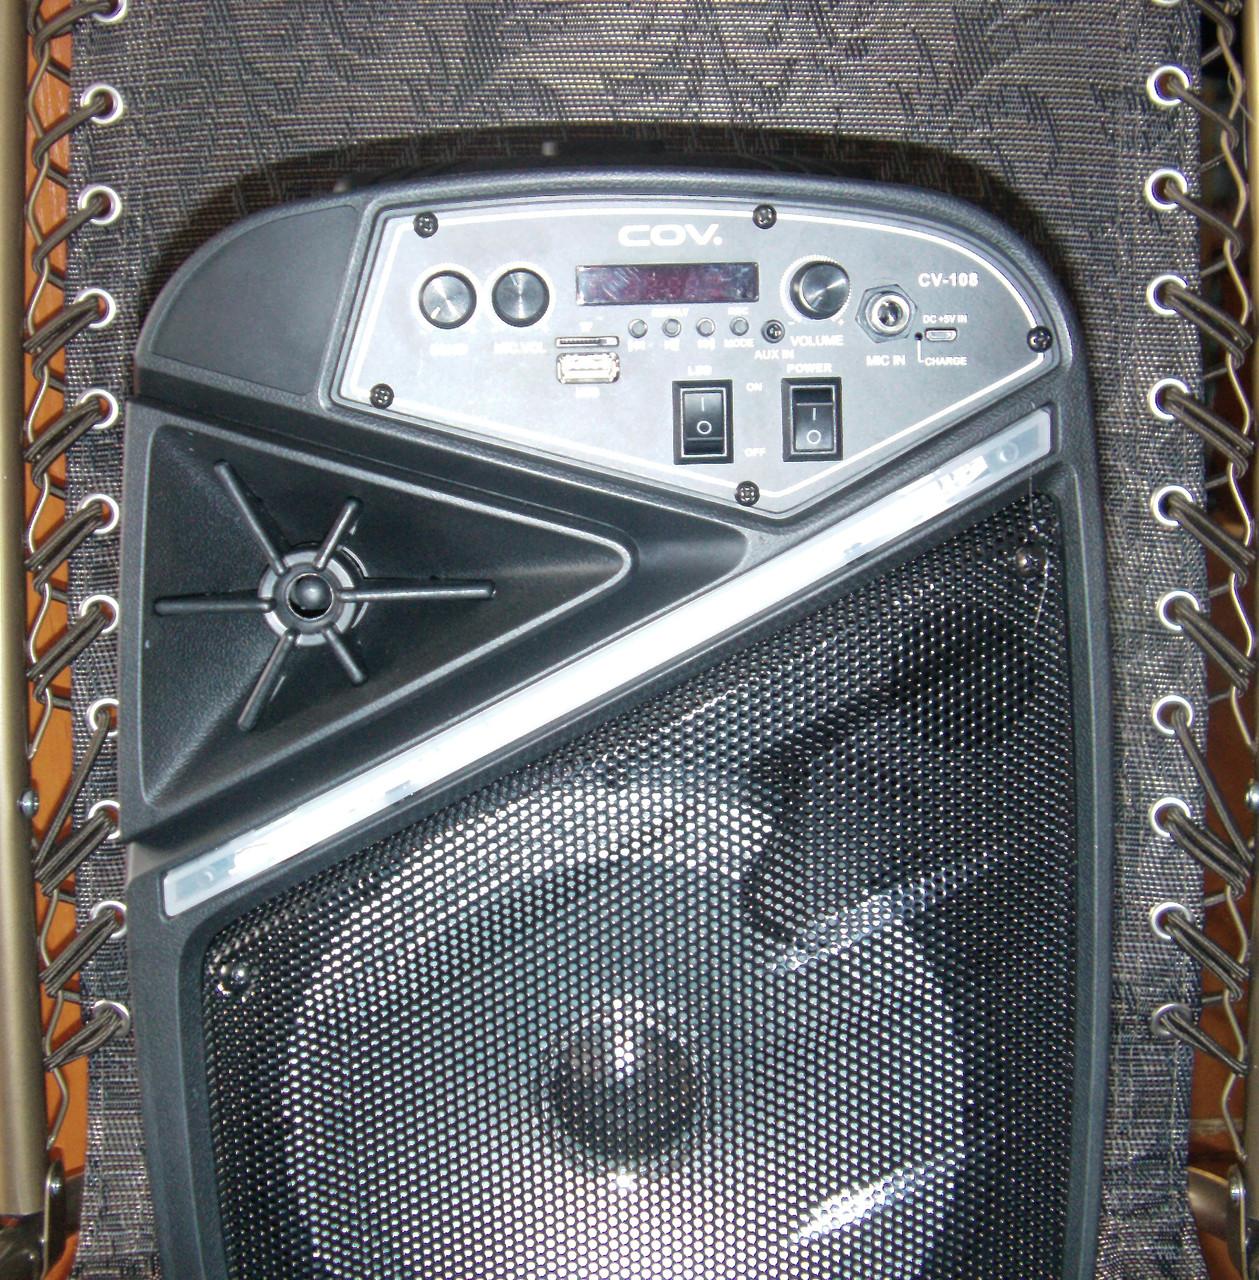 Колонка караоке беспроводная с беспроводным микрофоном Cov-108. В описании есть видео обзор колонки! - фото 4